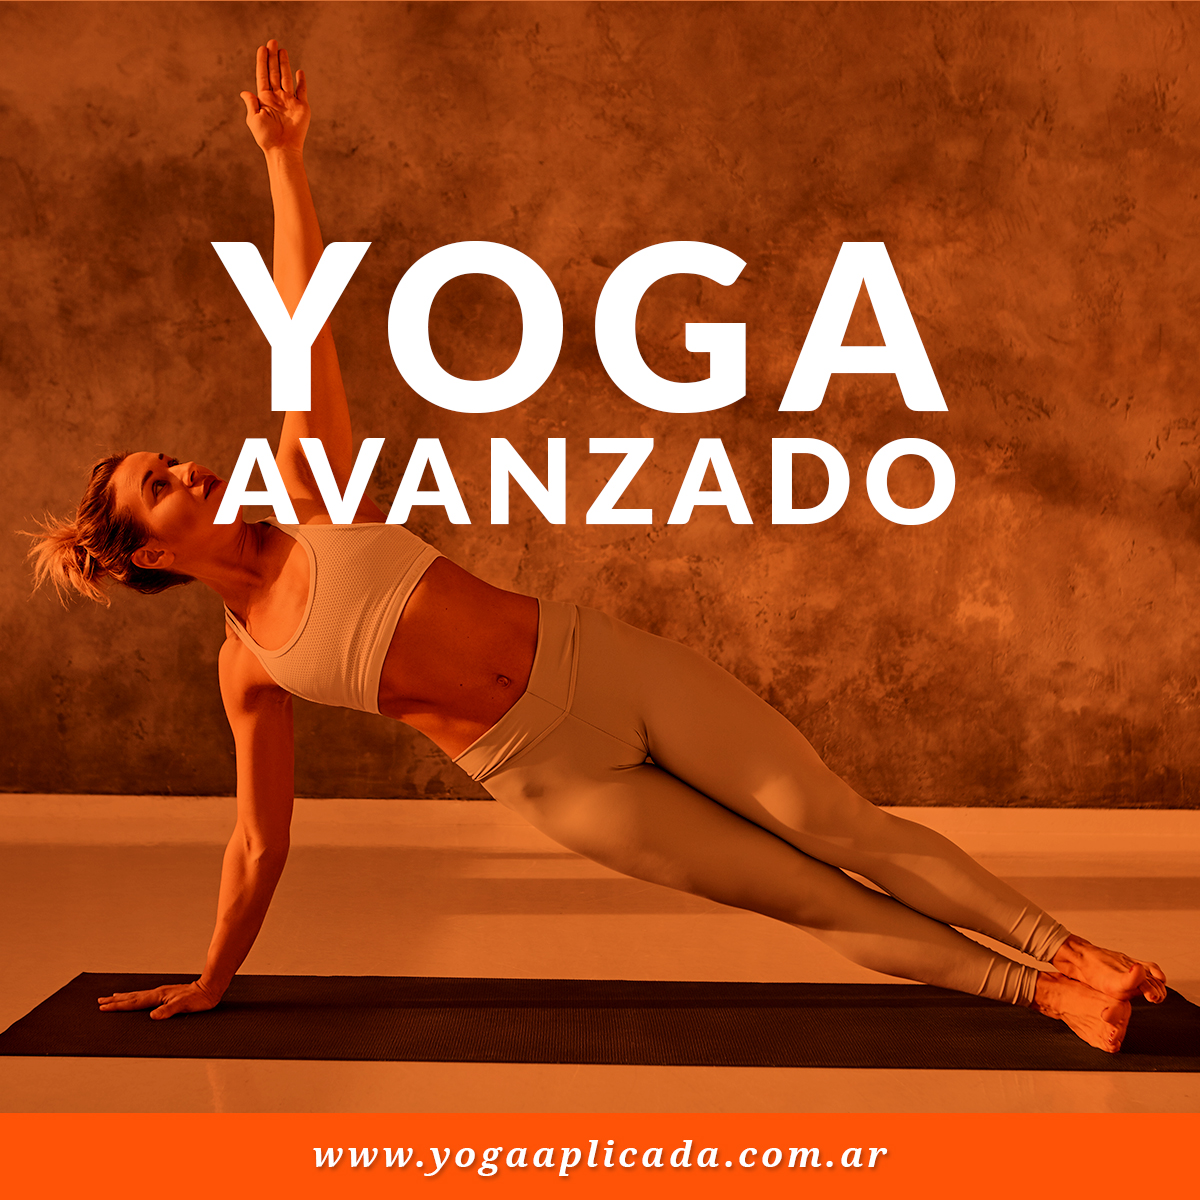 yoga avanzado